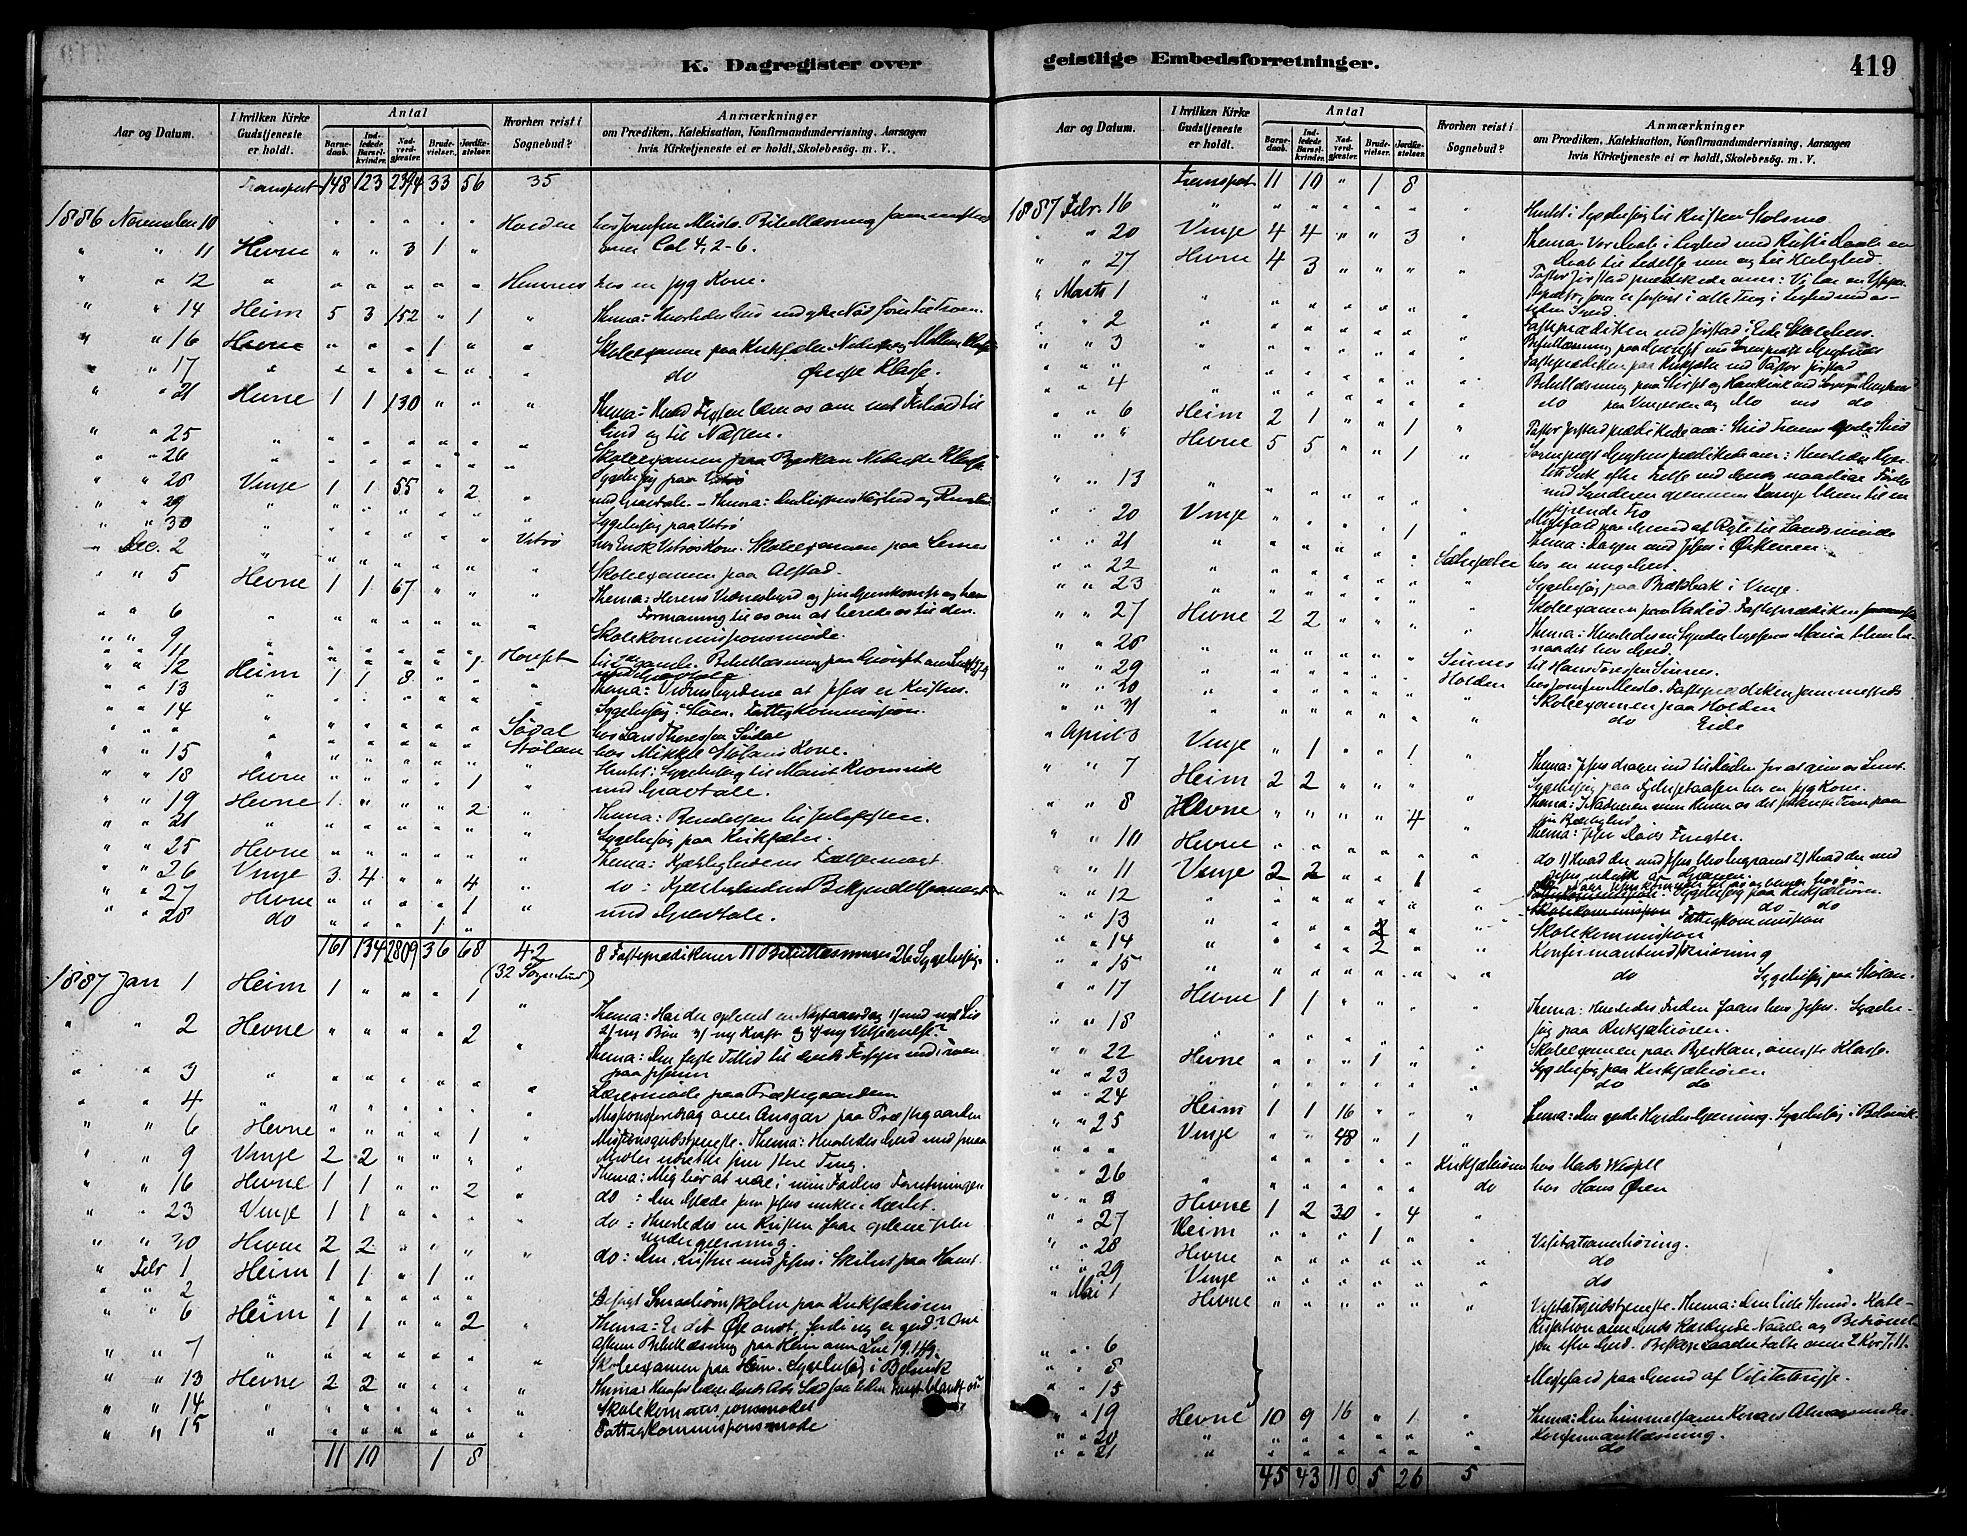 SAT, Ministerialprotokoller, klokkerbøker og fødselsregistre - Sør-Trøndelag, 630/L0496: Ministerialbok nr. 630A09, 1879-1895, s. 419